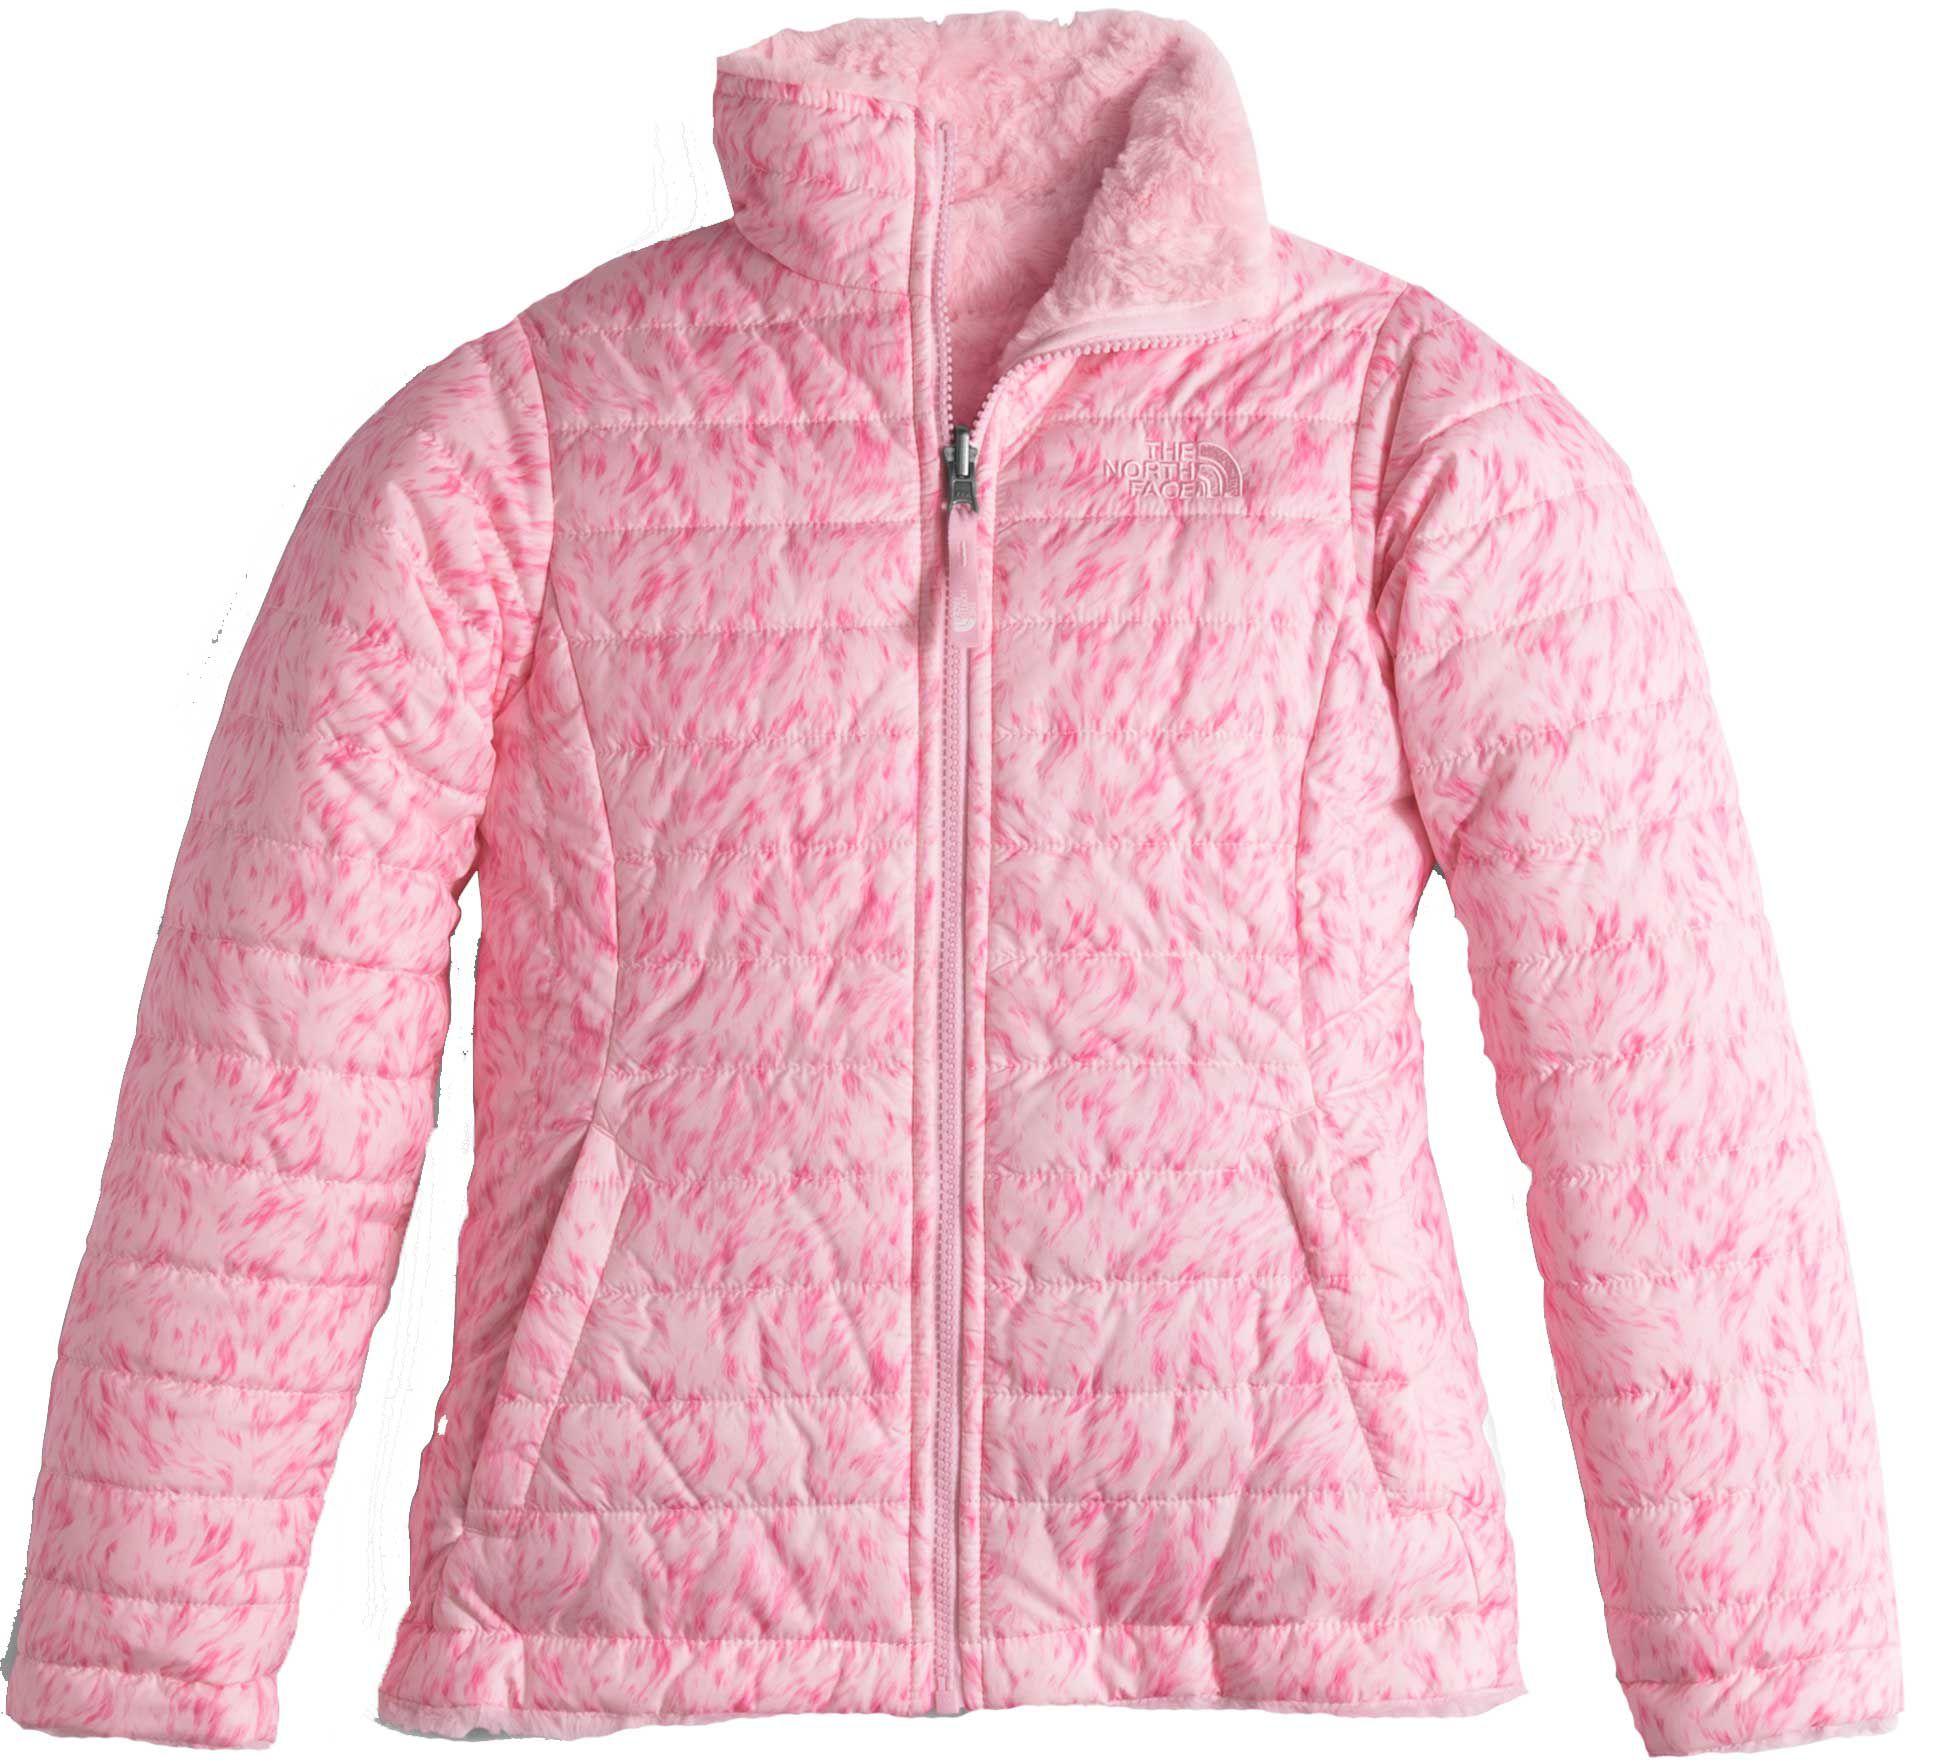 445621762 Jackets and Coats